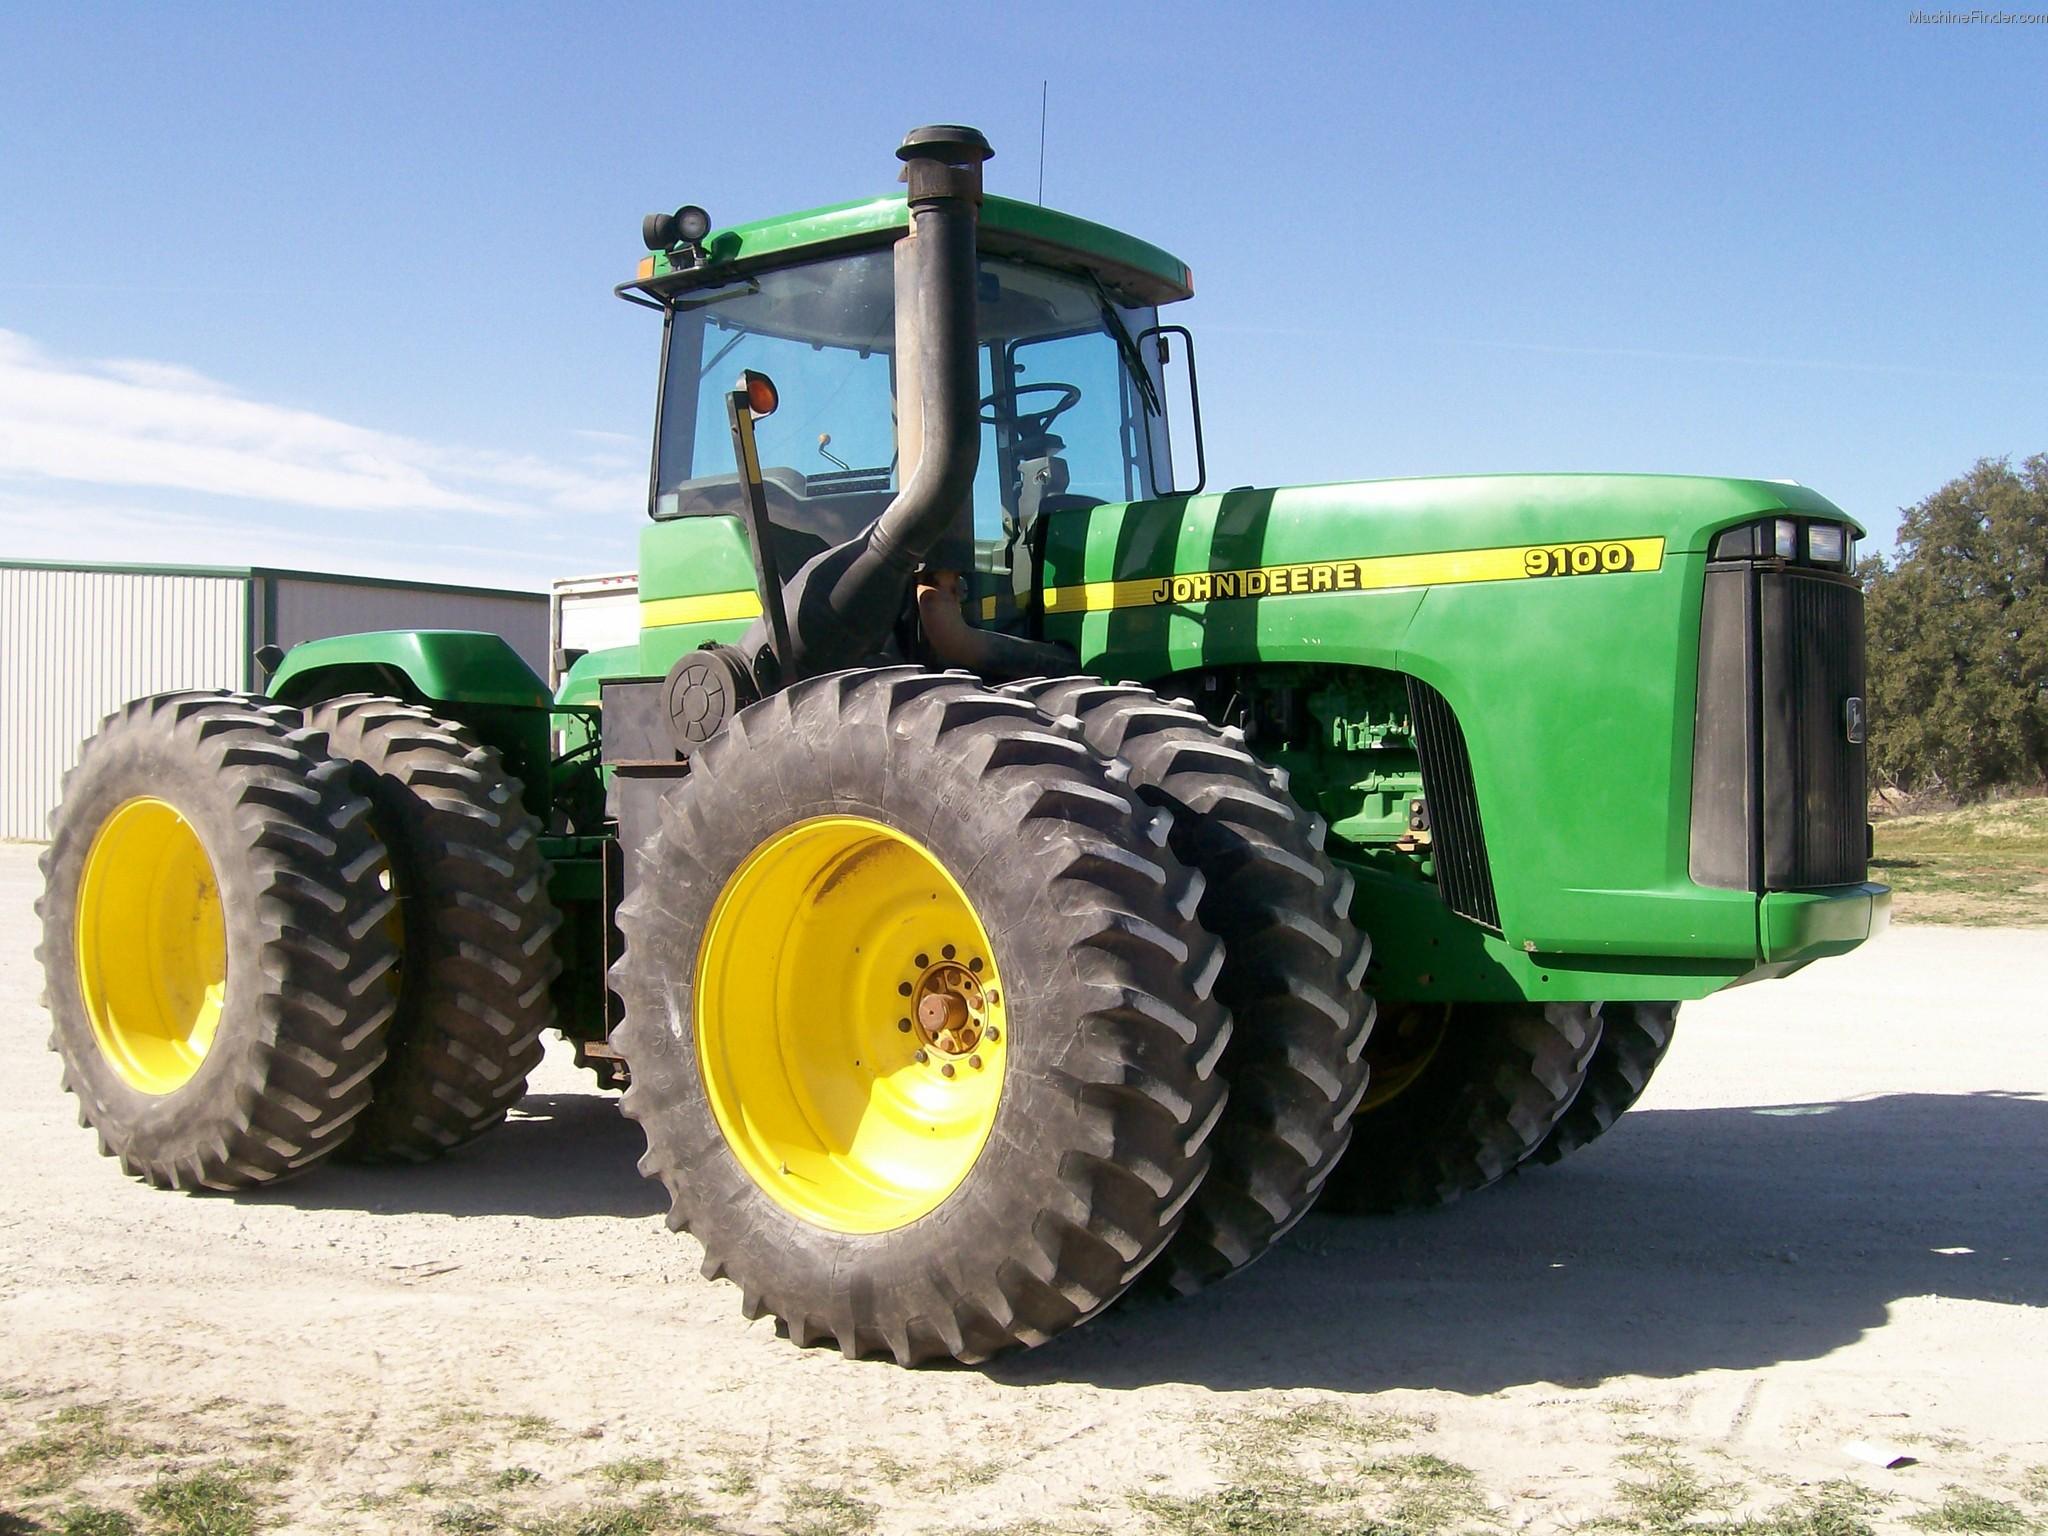 2000 John Deere 9100 Tractors - Articulated 4WD - John ...